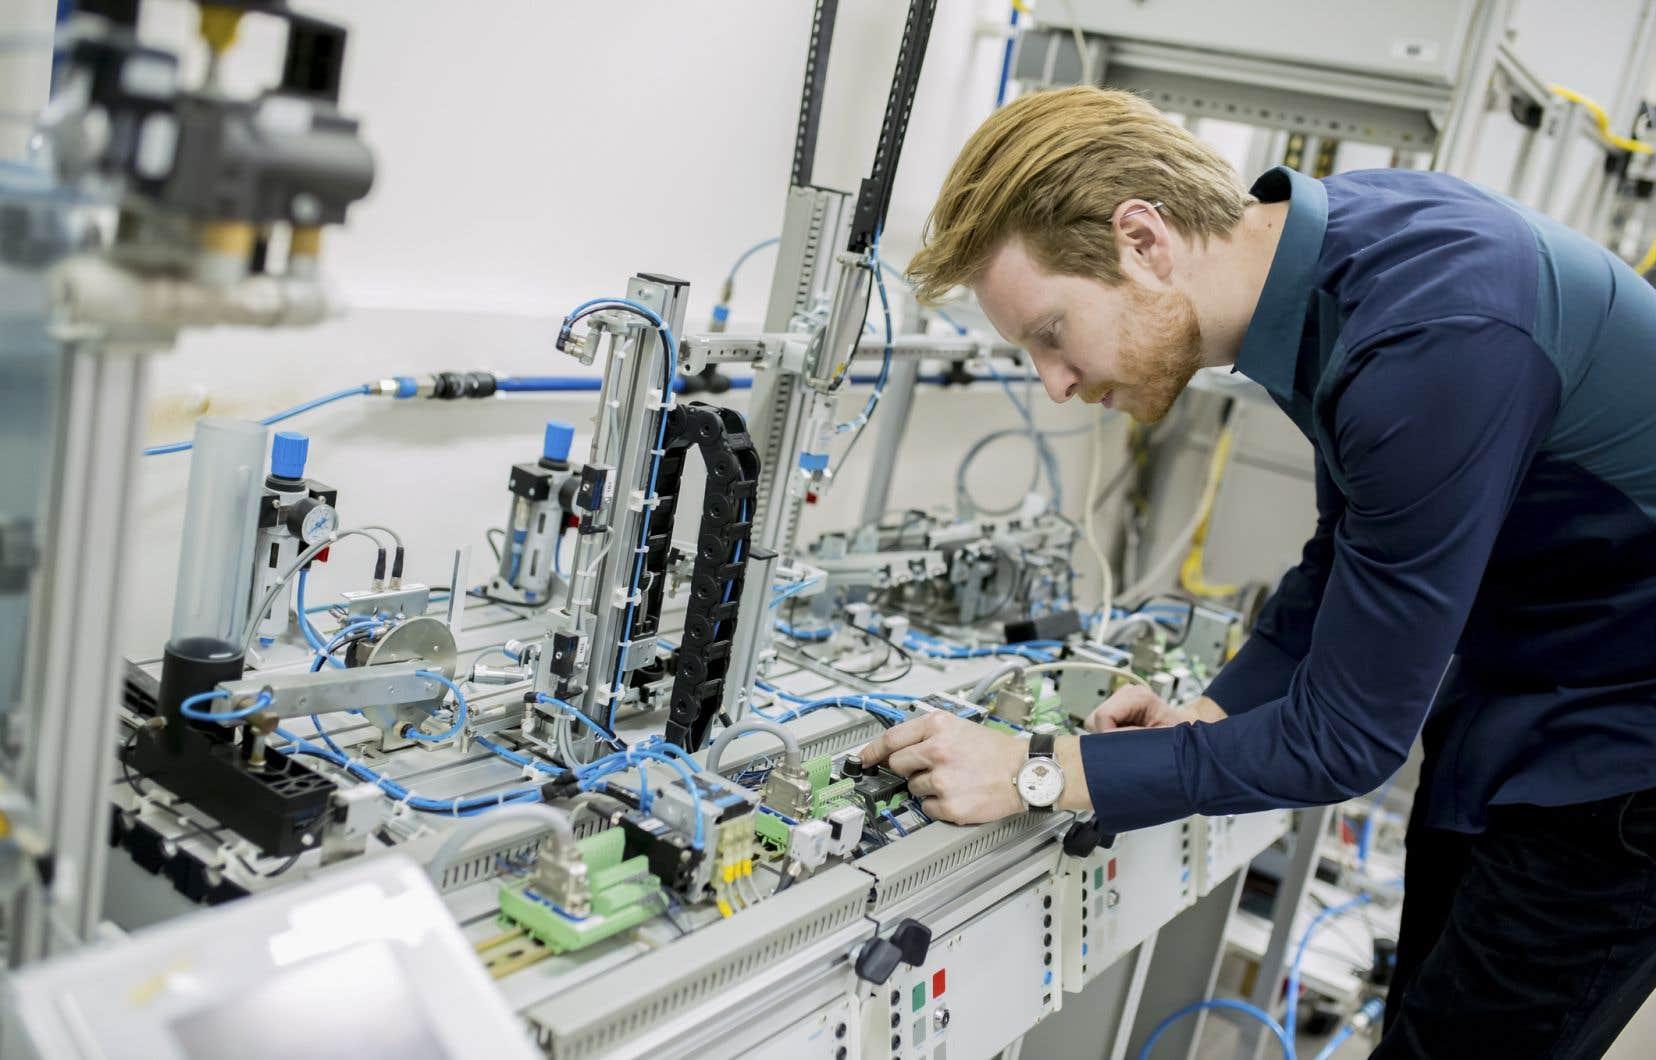 «Grâce aux nouvelles technologies, il sera possible de produire plus avec le même nombre de travailleurs ou de produire la même chose avec moins de travailleurs», croit l'auteur.